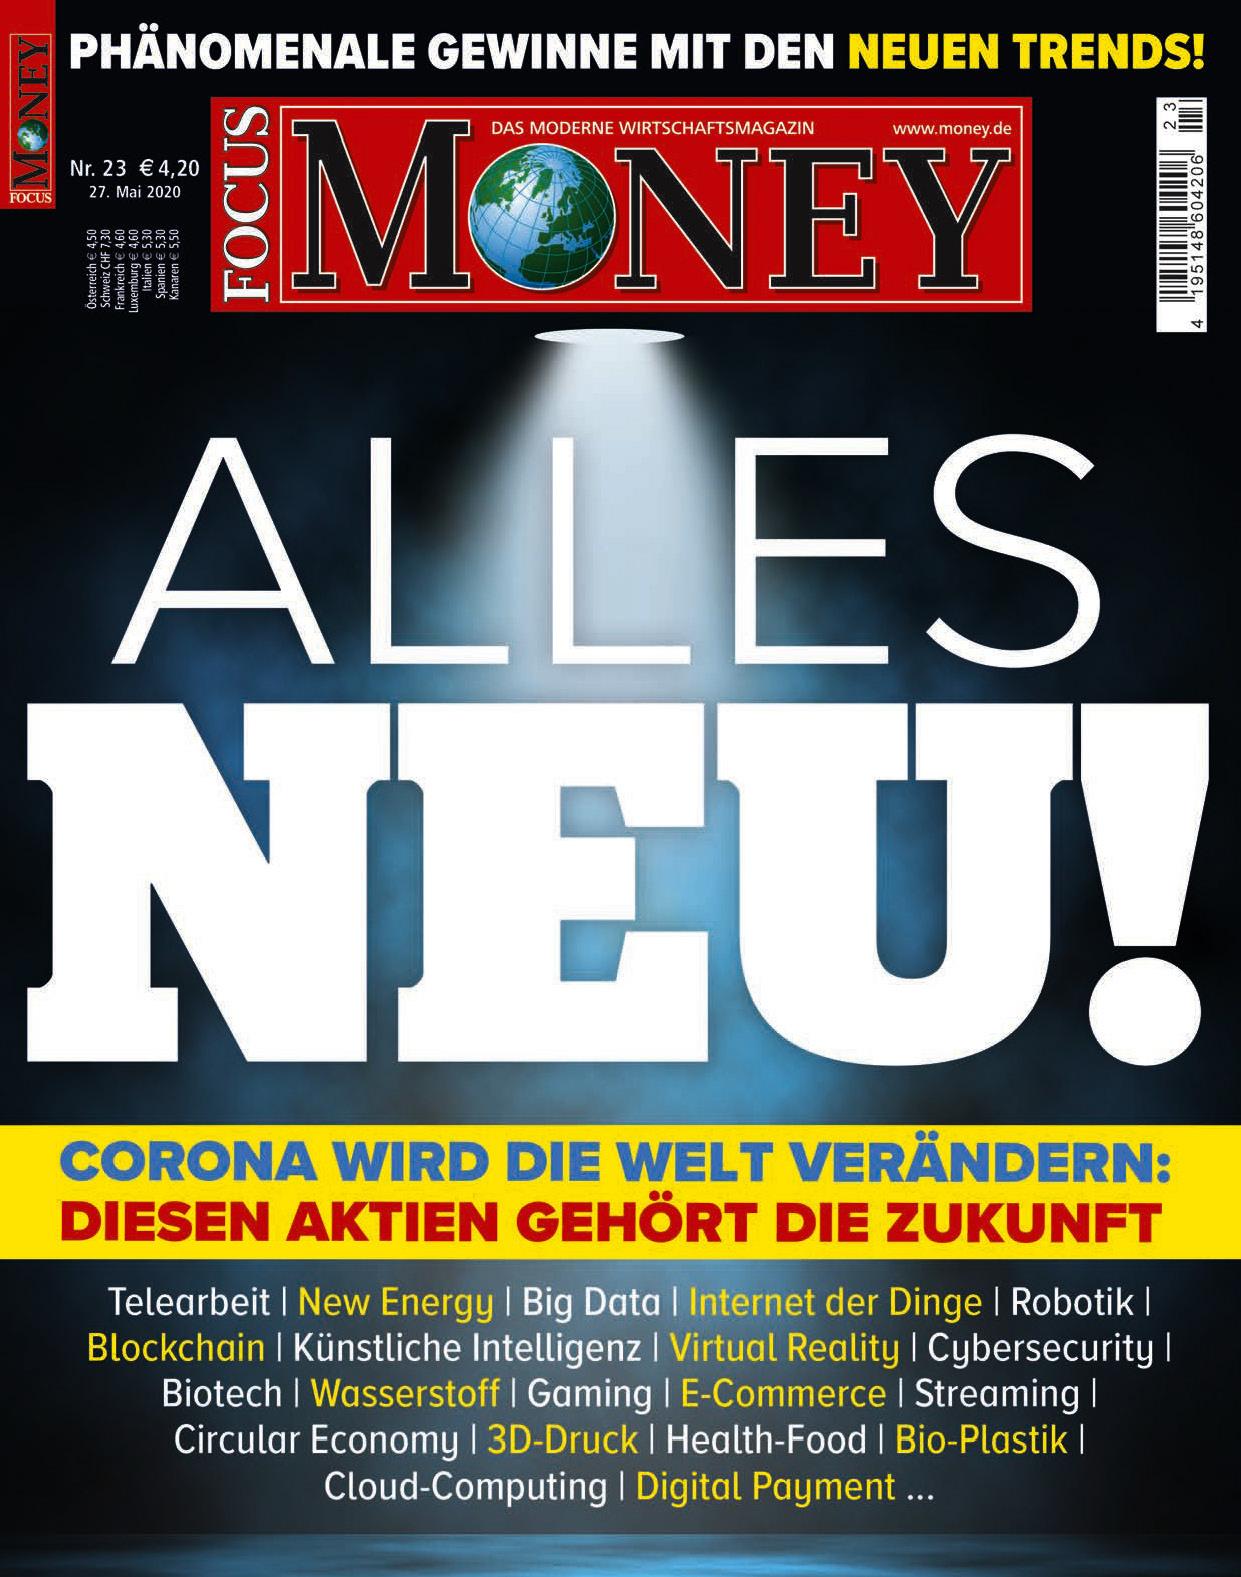 FOCUS-MONEY FOCUS MONEY – Corona wird die Welt verändern: Diesen Aktien gehört die Zukunft